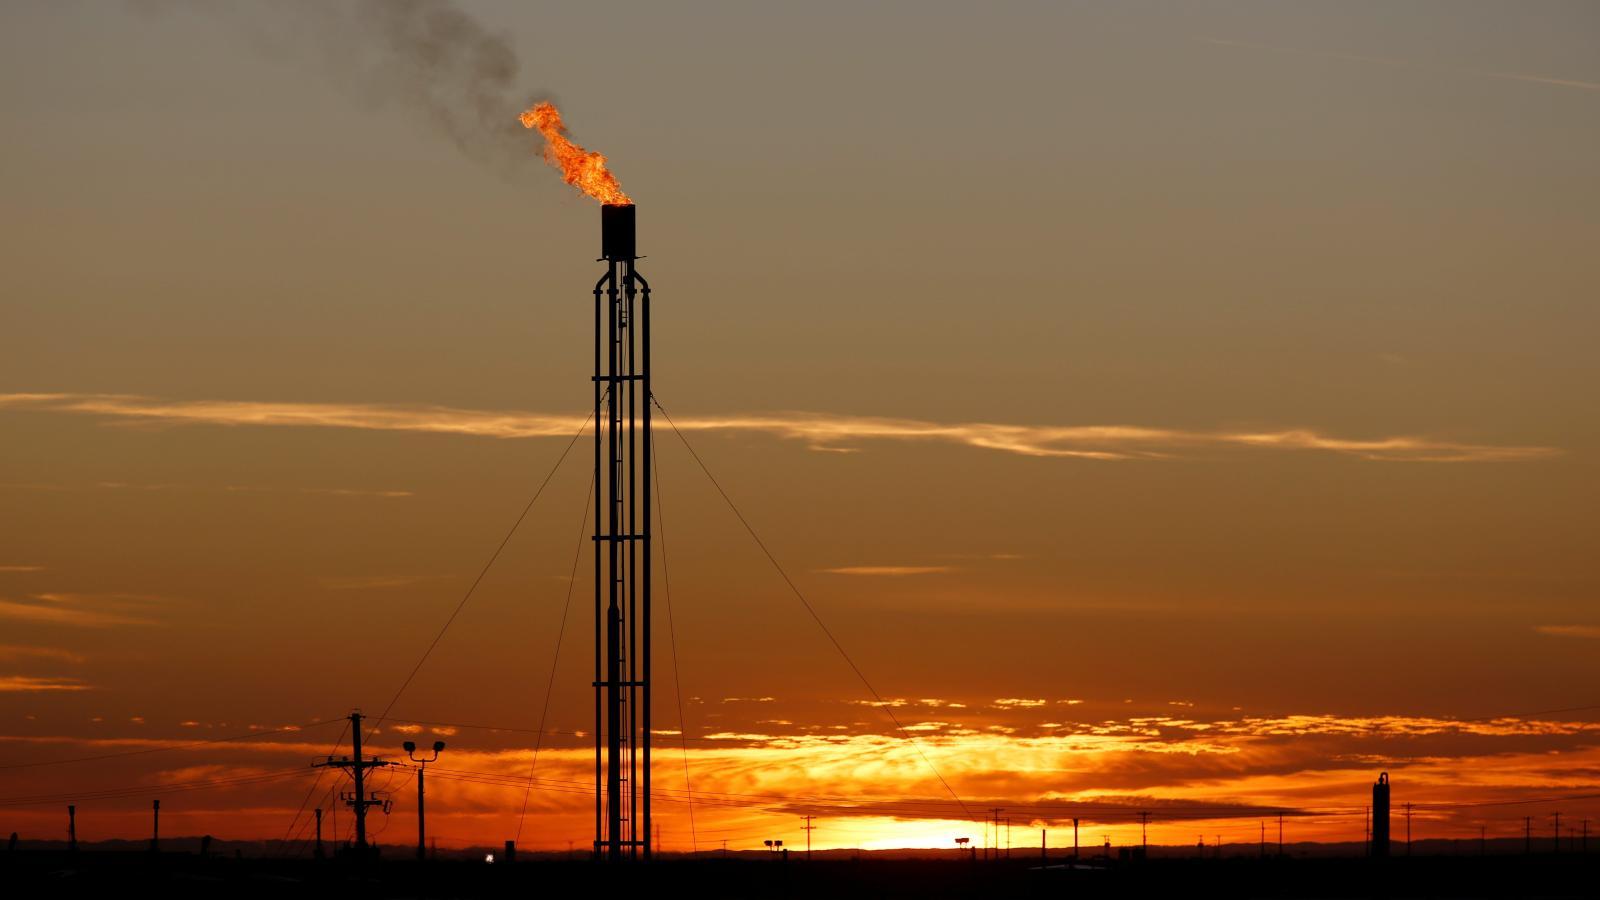 هزینه گاز برای ماینرها افزایش یافت: هر متر مکعب بیش از سه هزار تومان